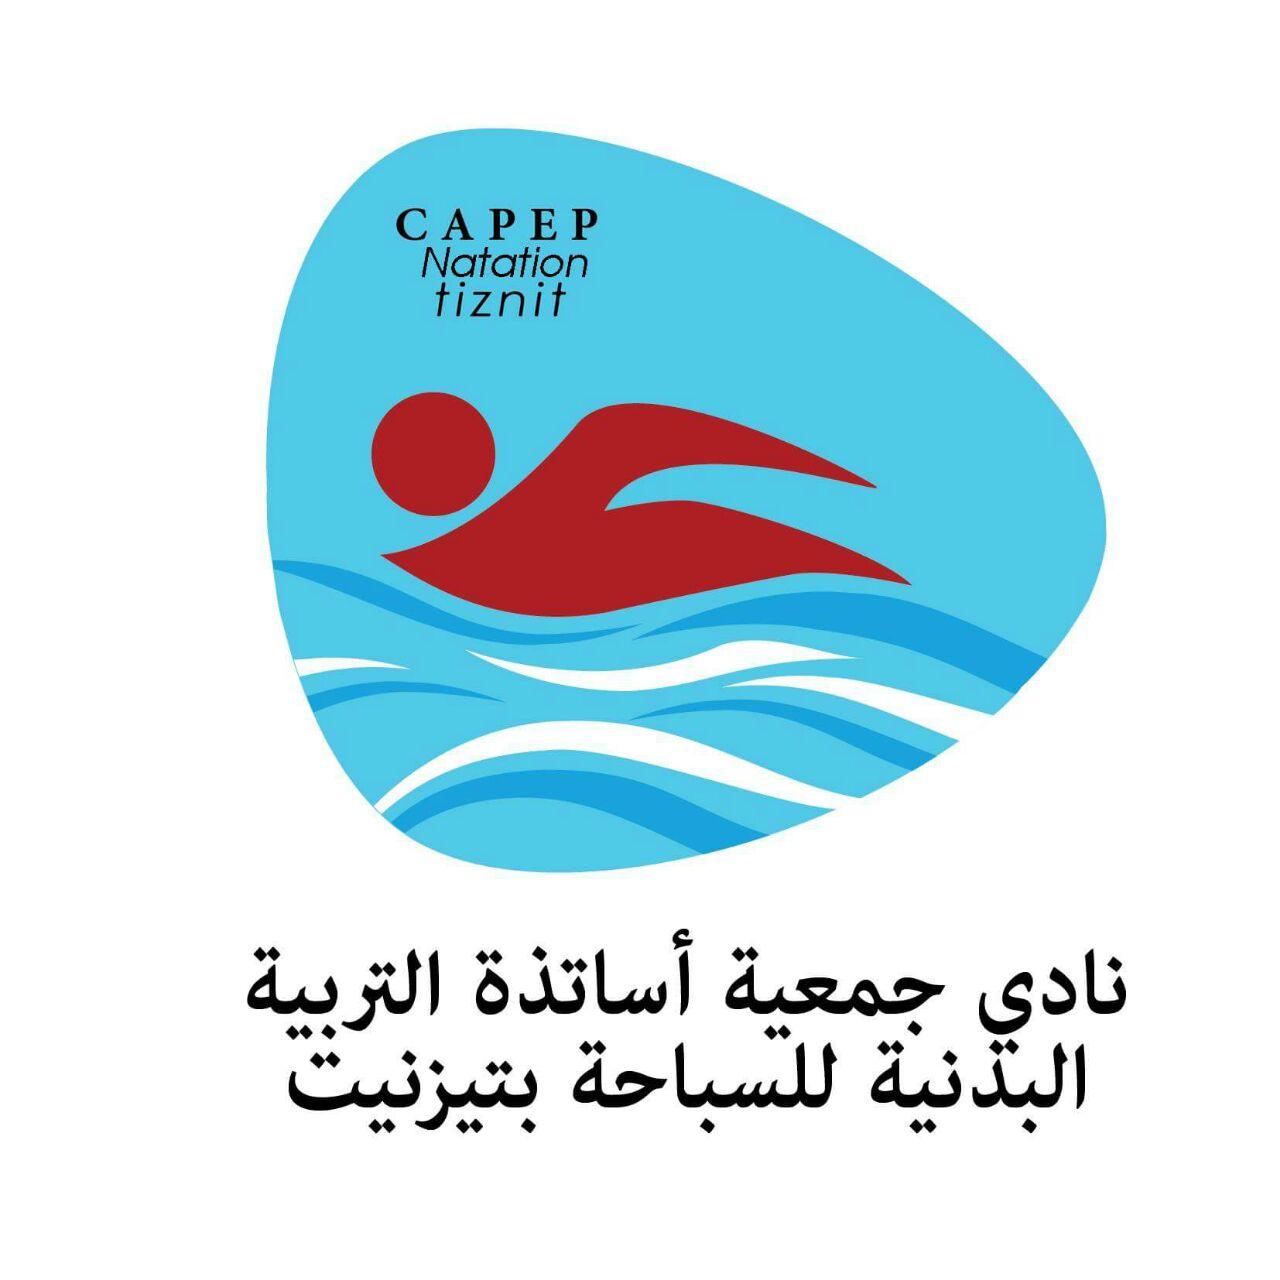 ميلاد نادي أساتذة التربية البدنية للسباحة بتيزنيت